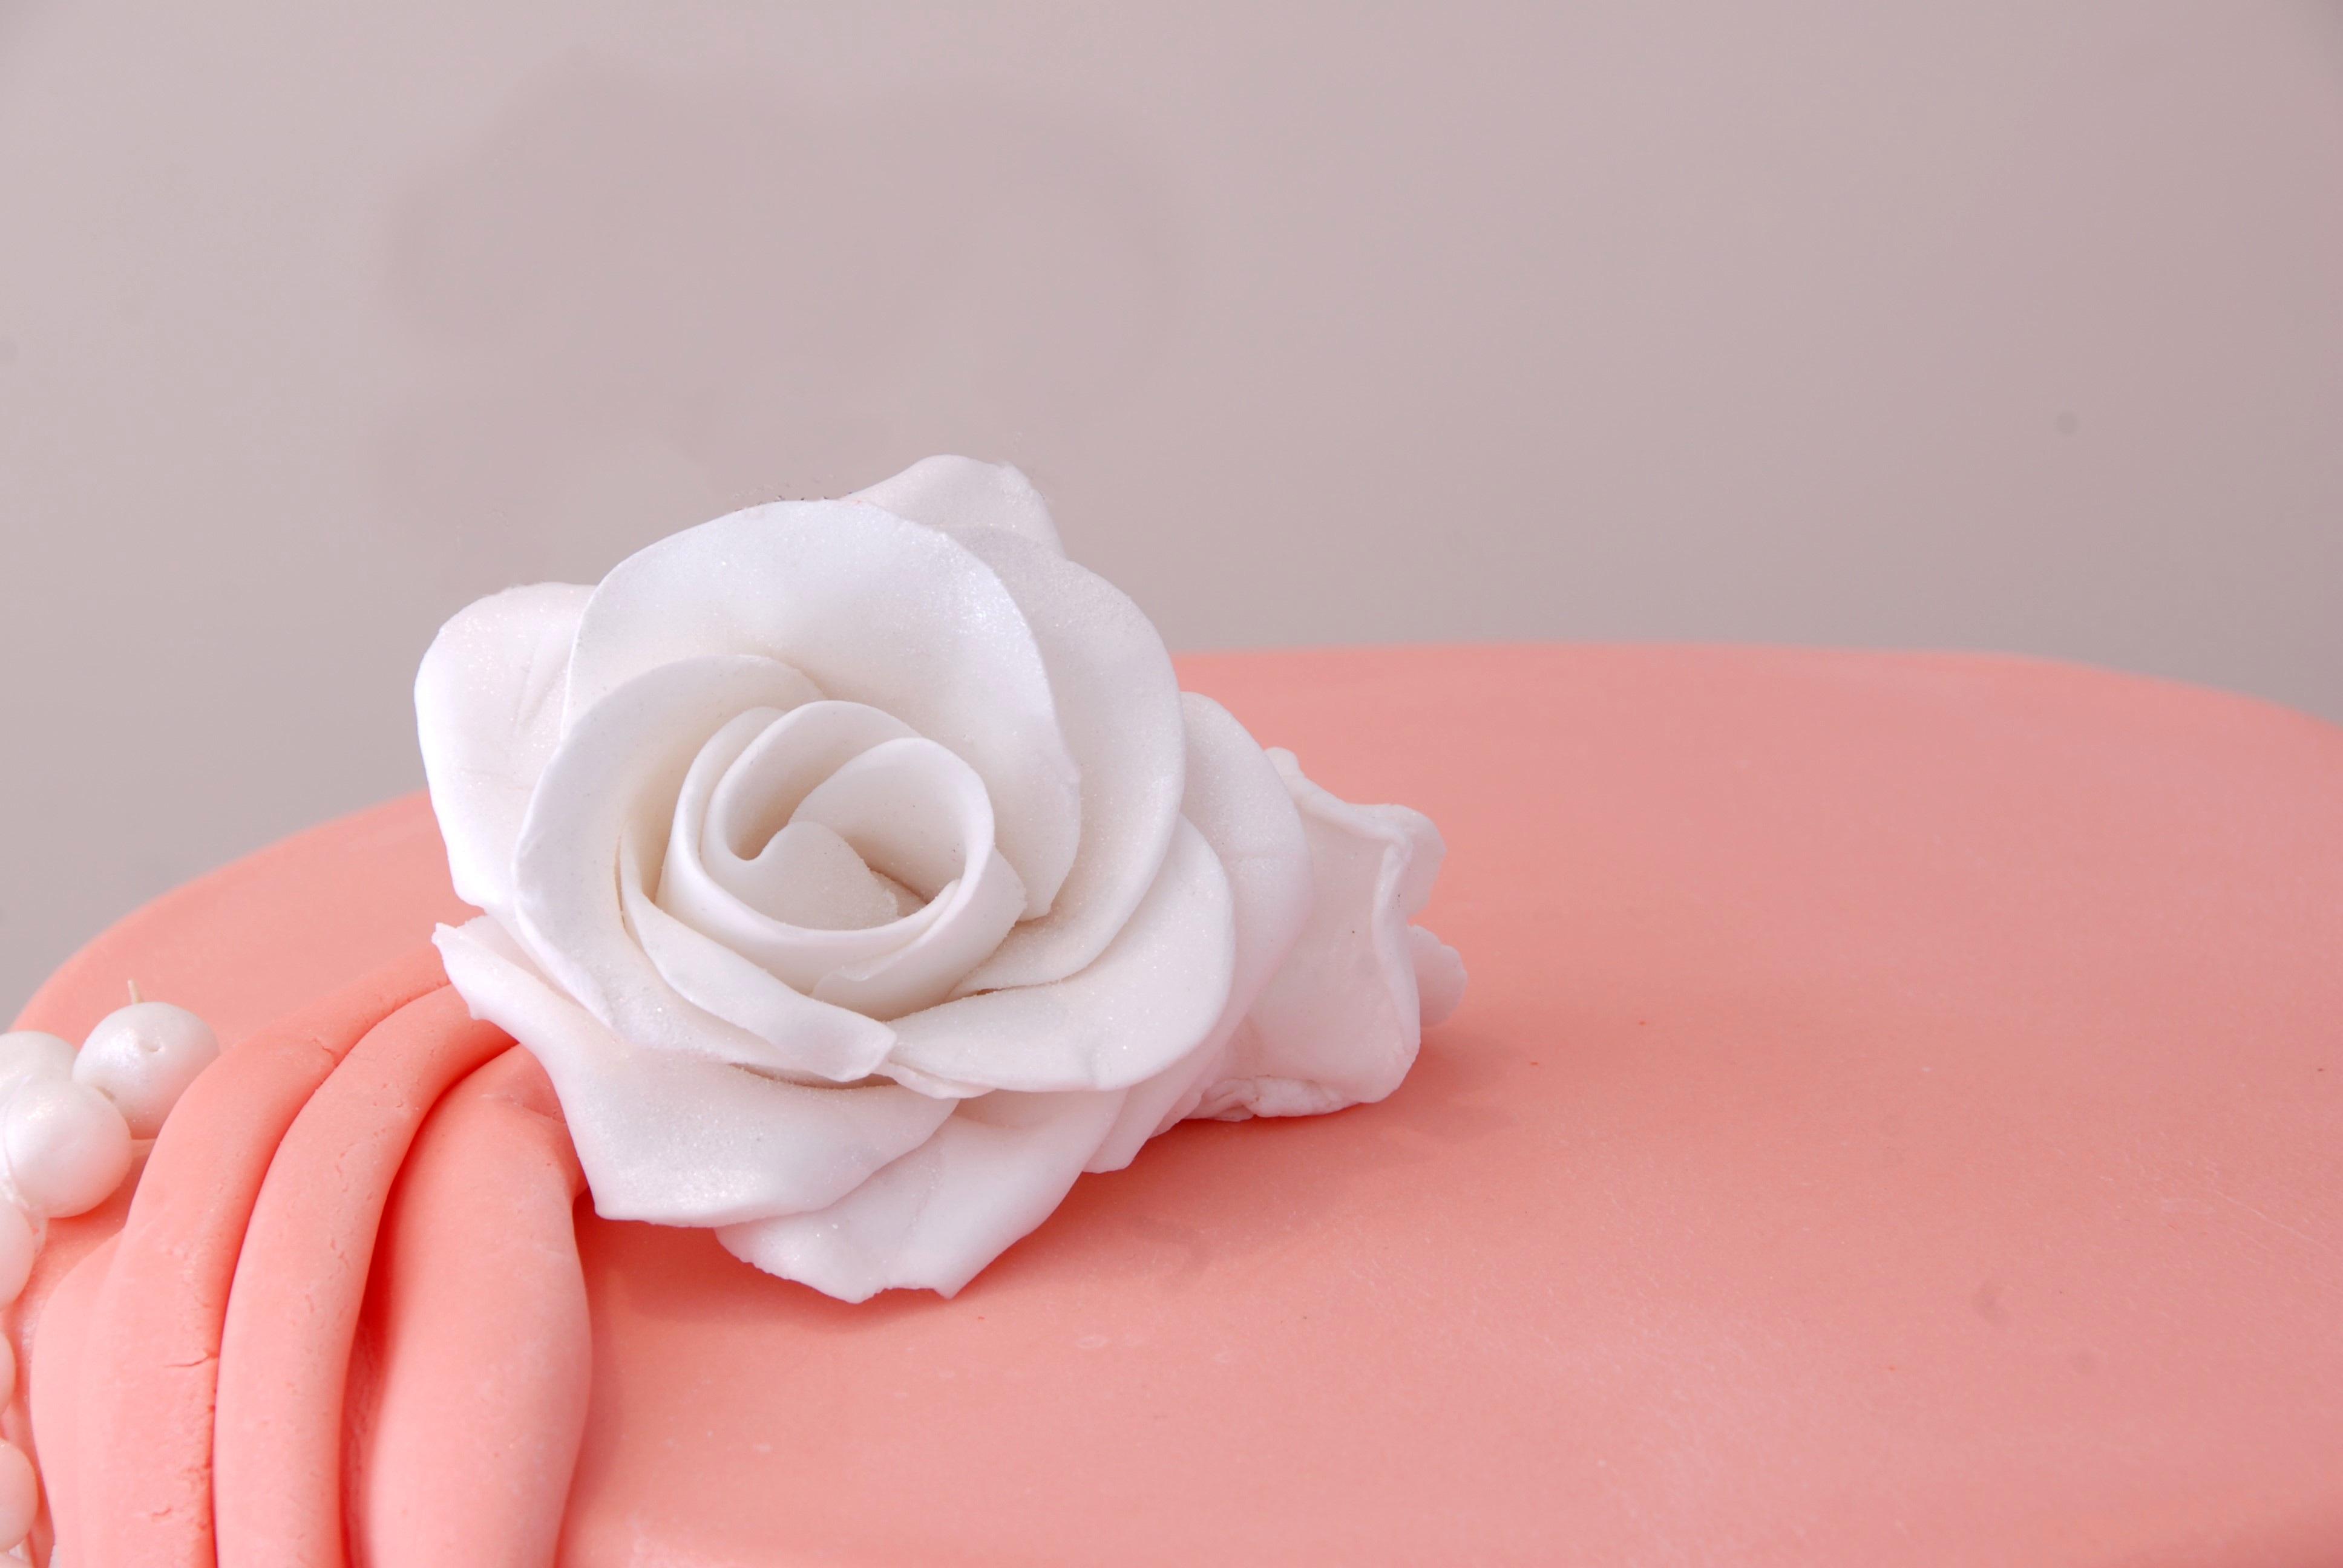 blanco flor ptalo corazn rosa decoracin comida rosado postre pastel formacin de hielo fiesta decorado fondant